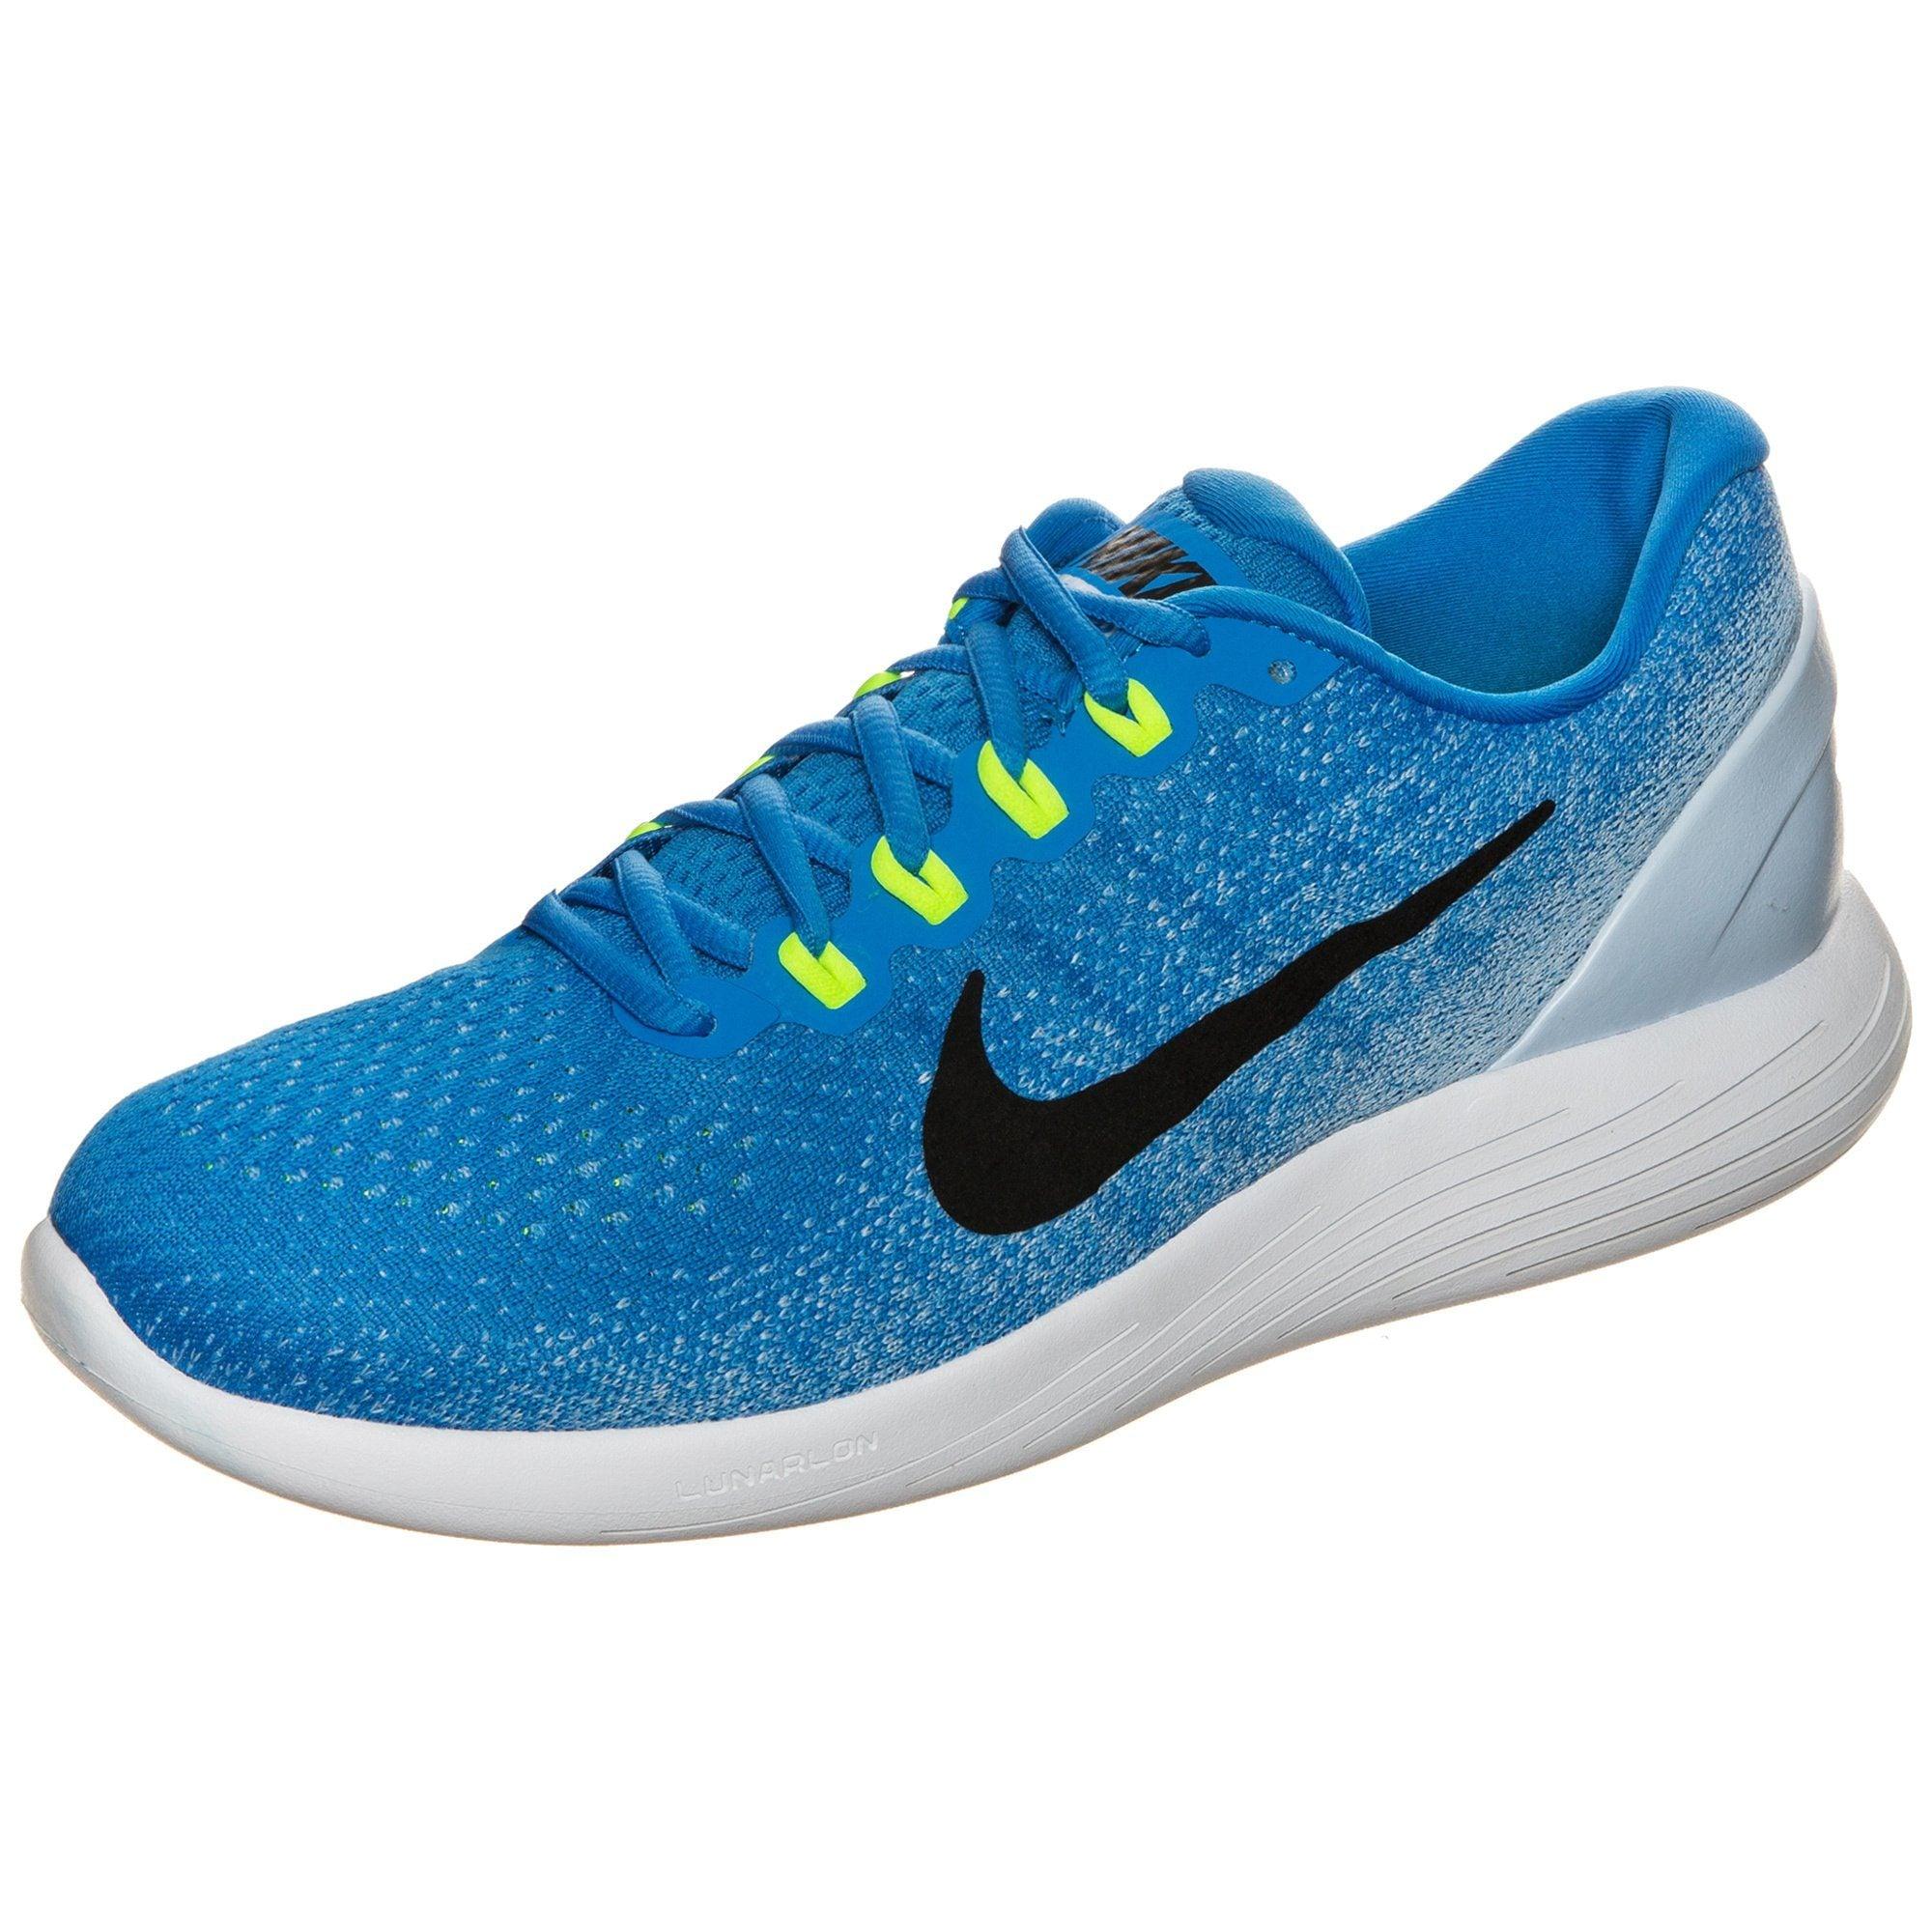 Nike Laufschuh Lunarglide 9 auf Raten | Gutes Preis-Leistungs-Verhältnis, es lohnt sich